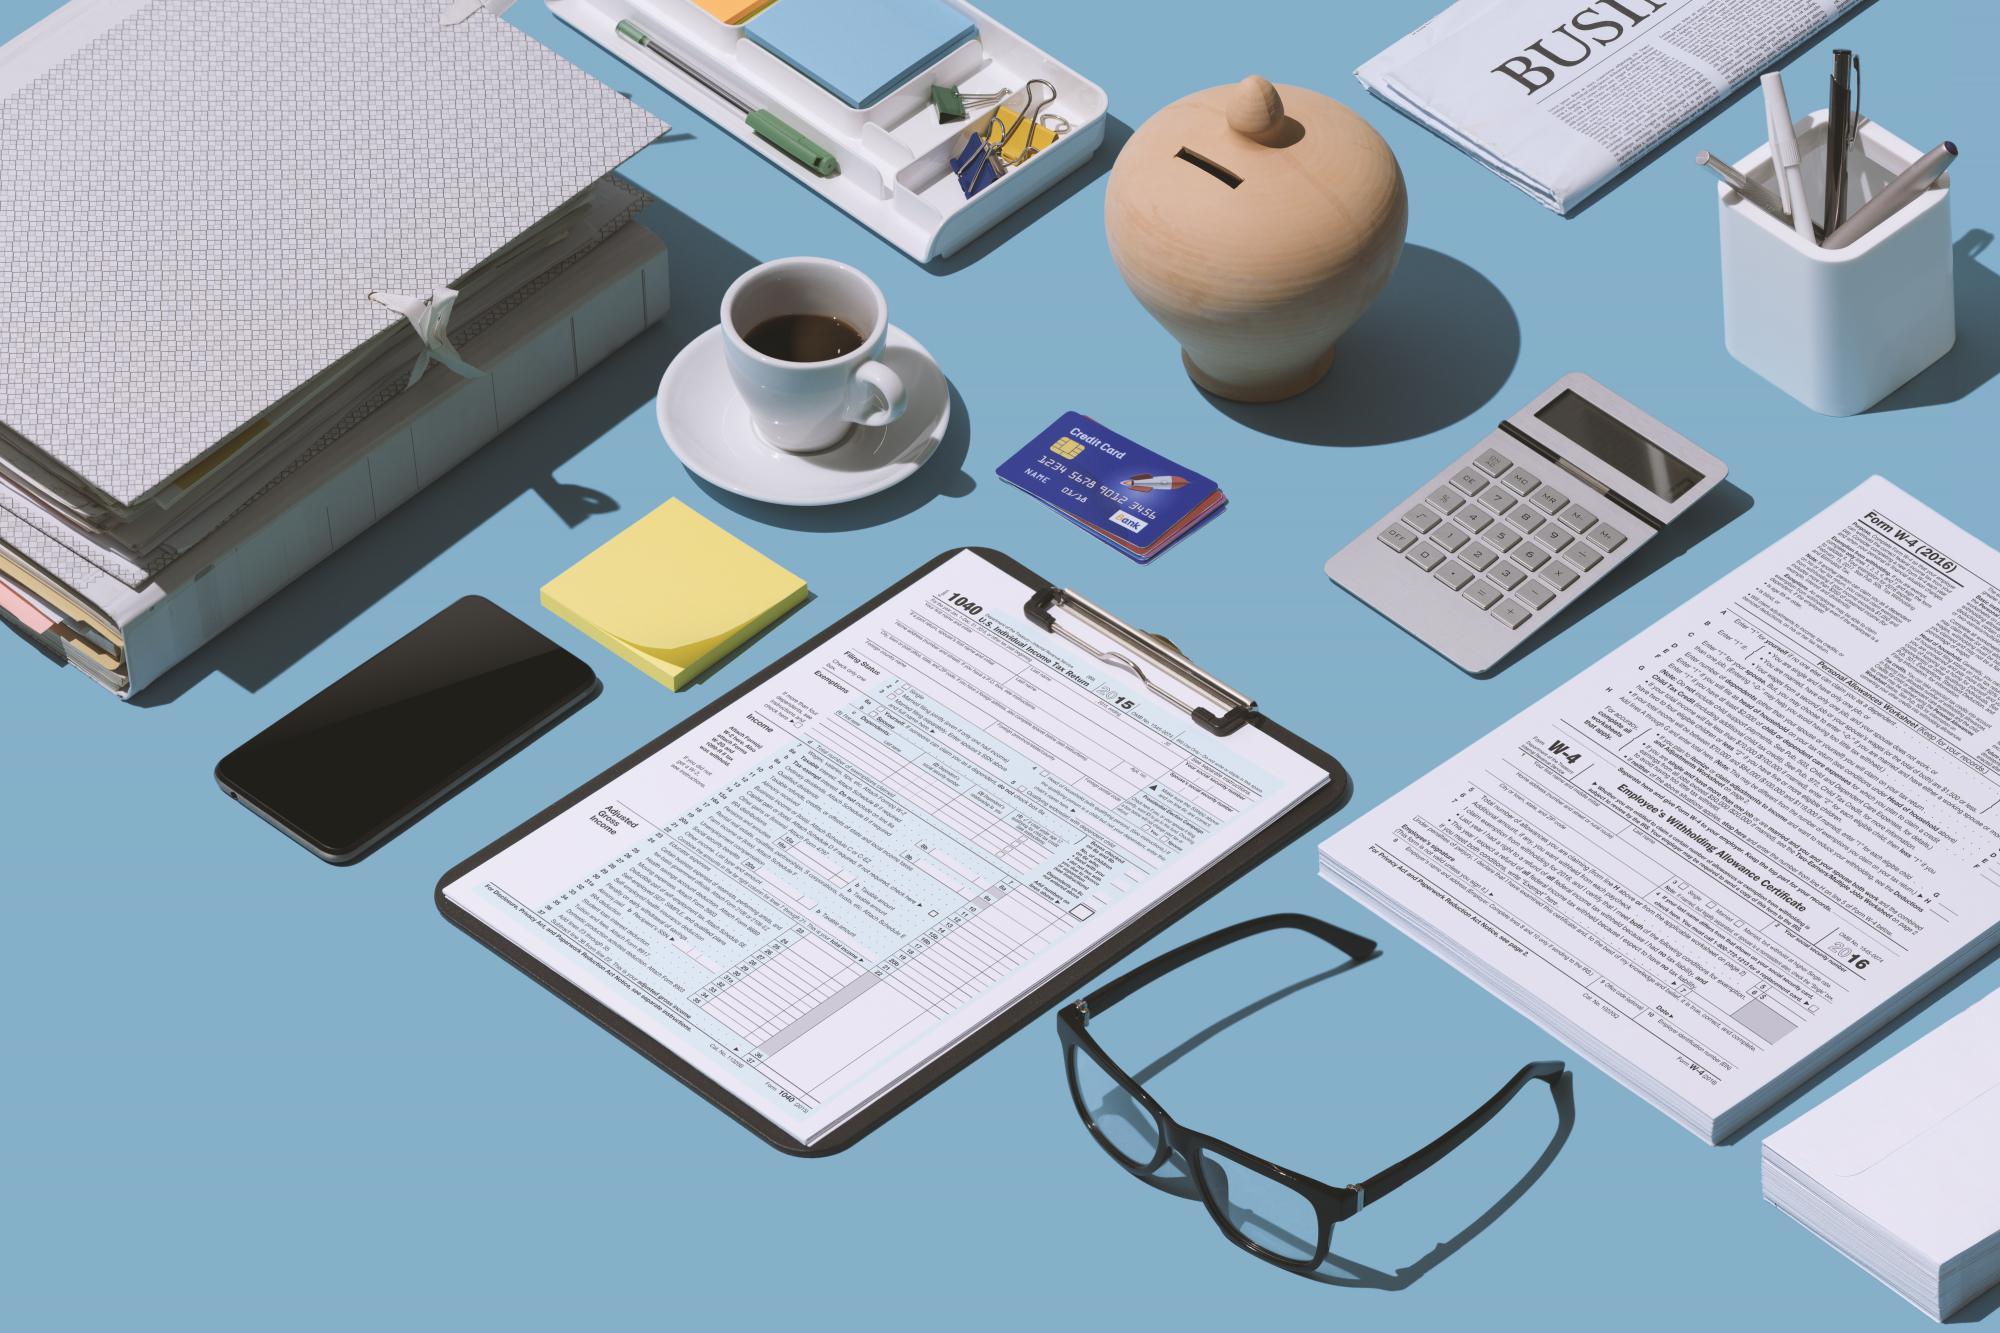 Госдума приняла в первом чтении законопроект, обязывающий получать почту от налоговиков по юридическому адресу